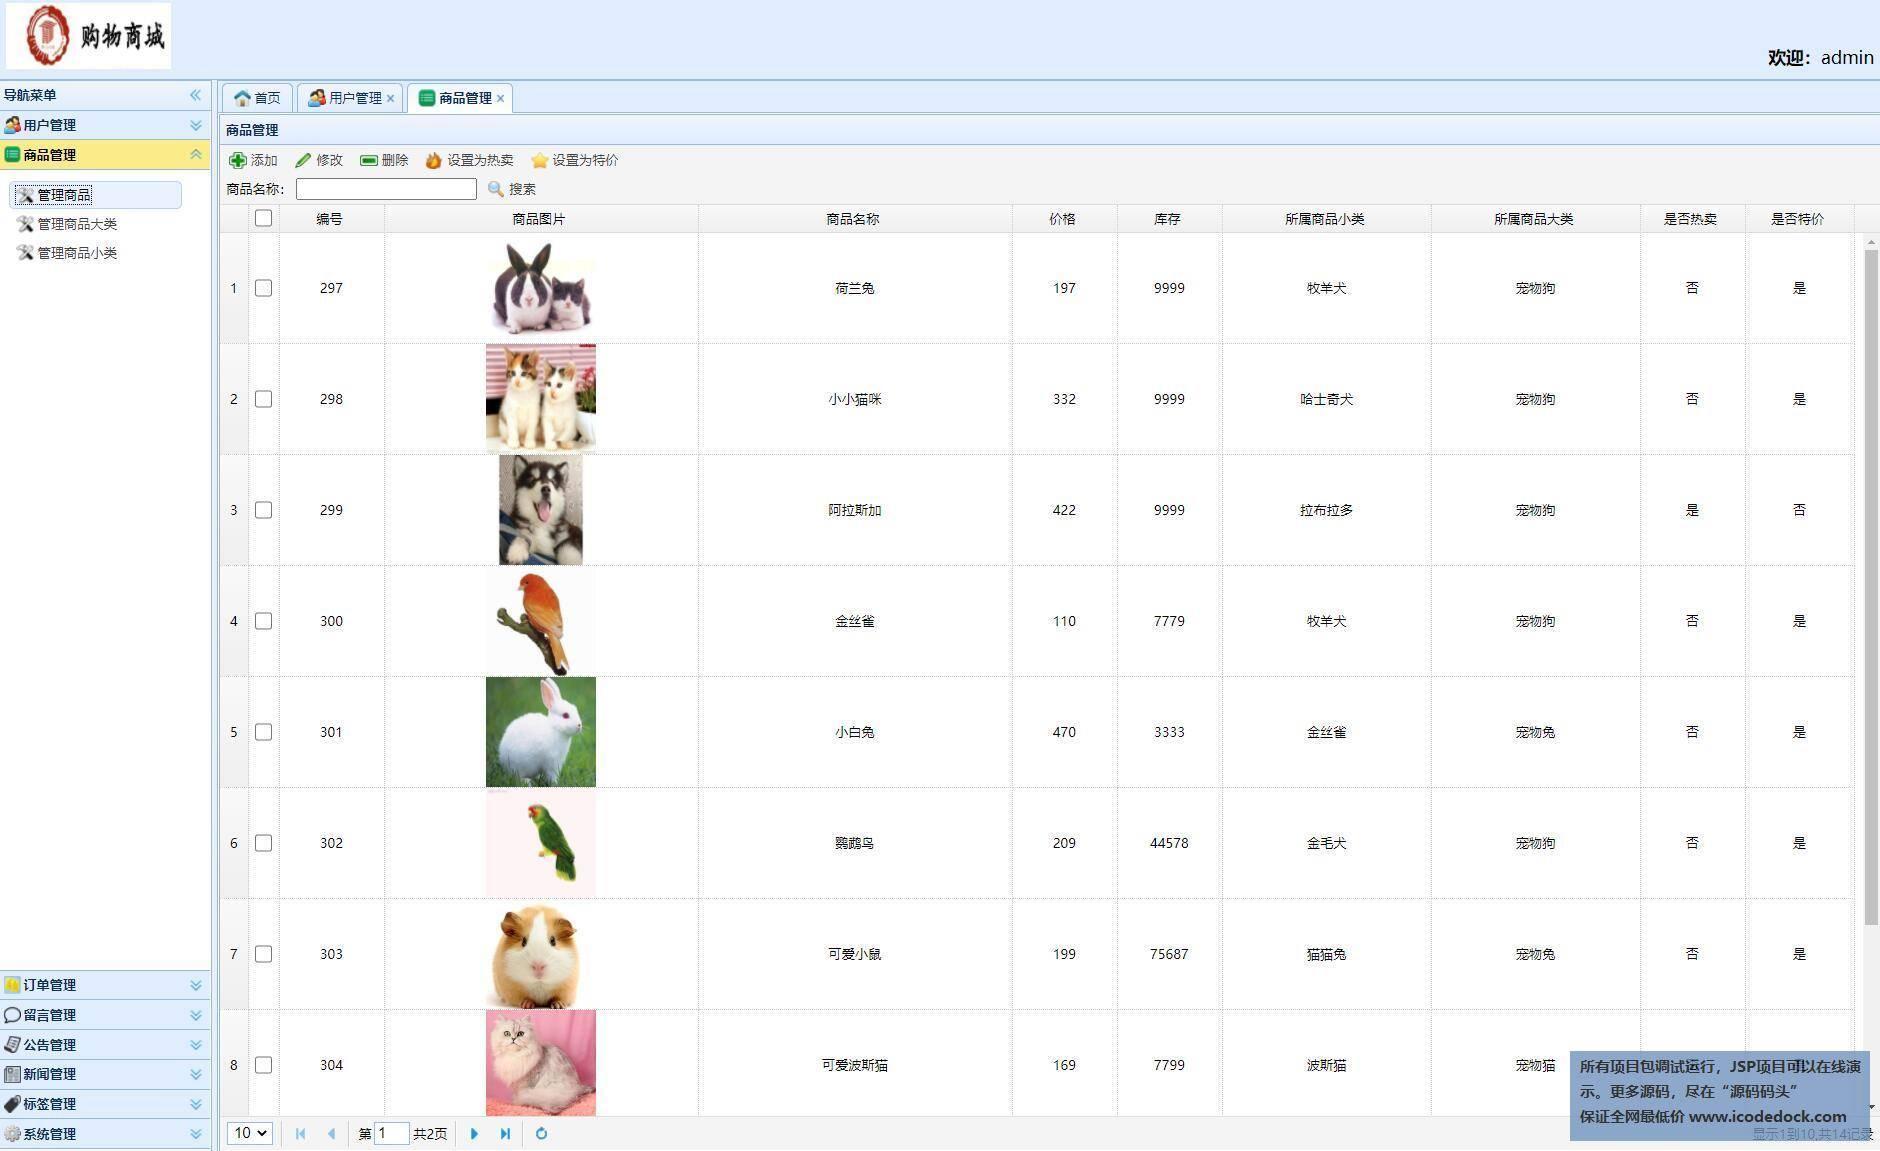 源码码头-SSH实现的一个宠物商城-管理员角色-管理商品